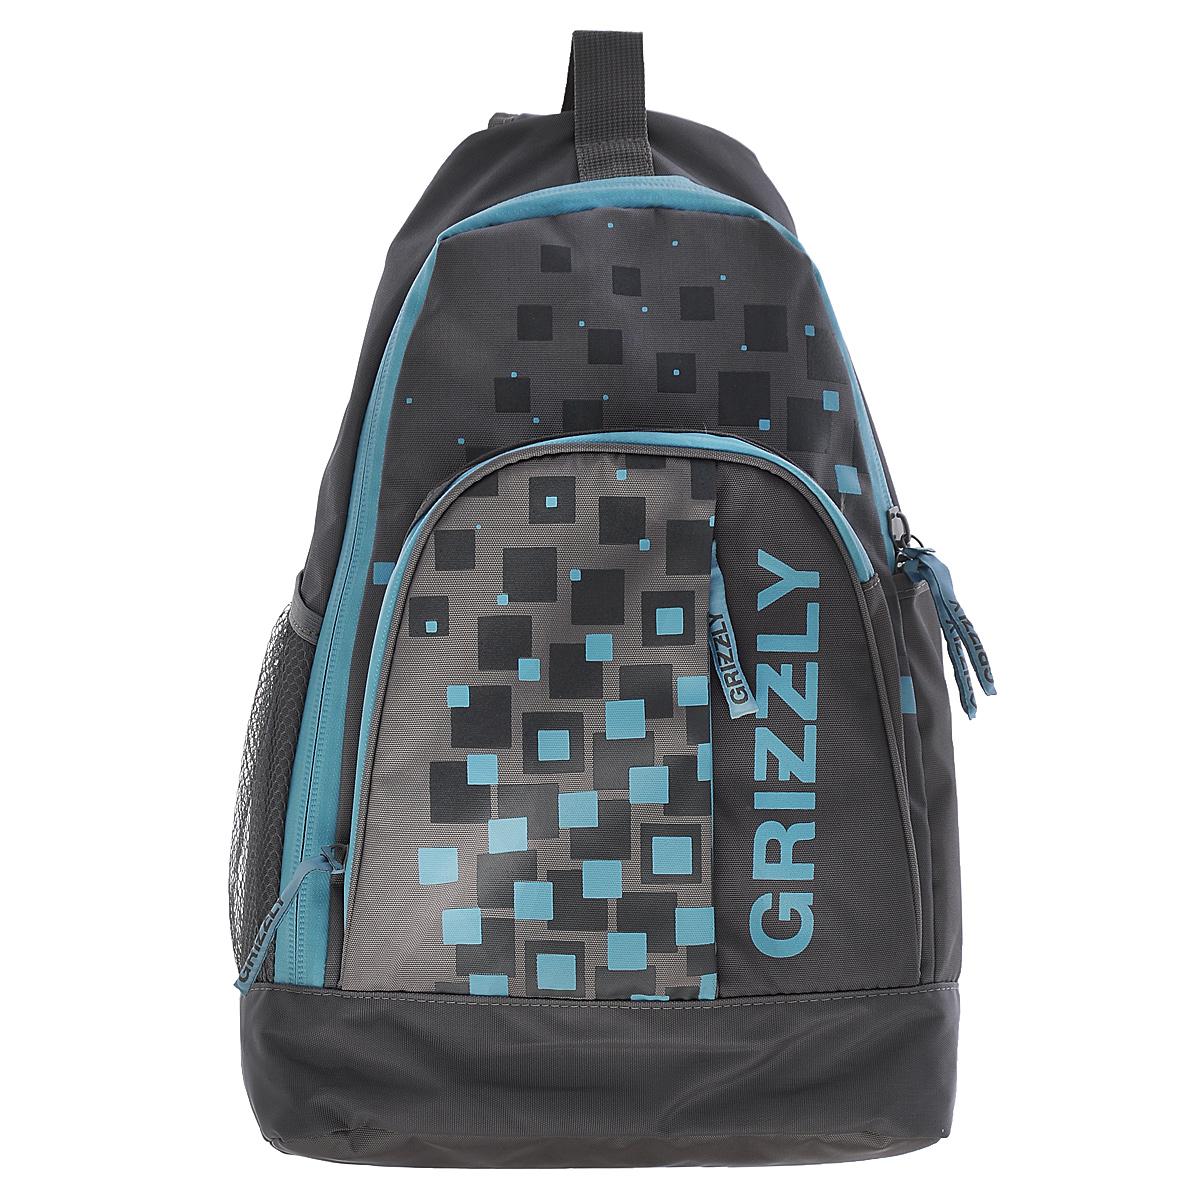 Рюкзак городской Grizzly, цвет: серый, голубой, 24 л. RU-510-2/1